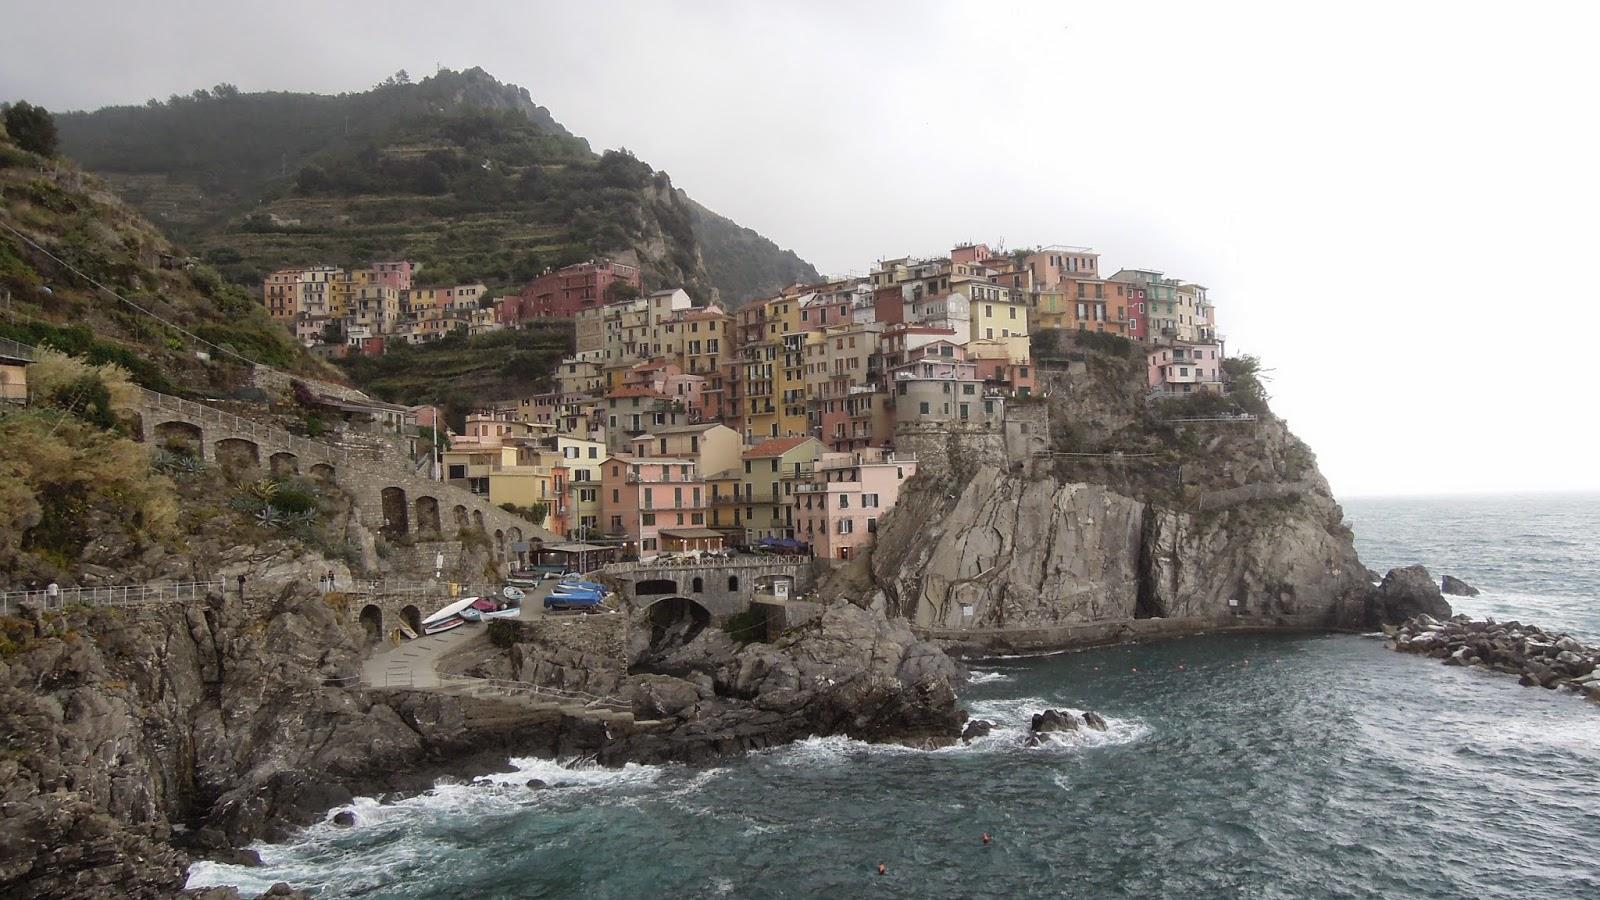 「義大利 - 特羅佩亞」的圖片搜尋結果